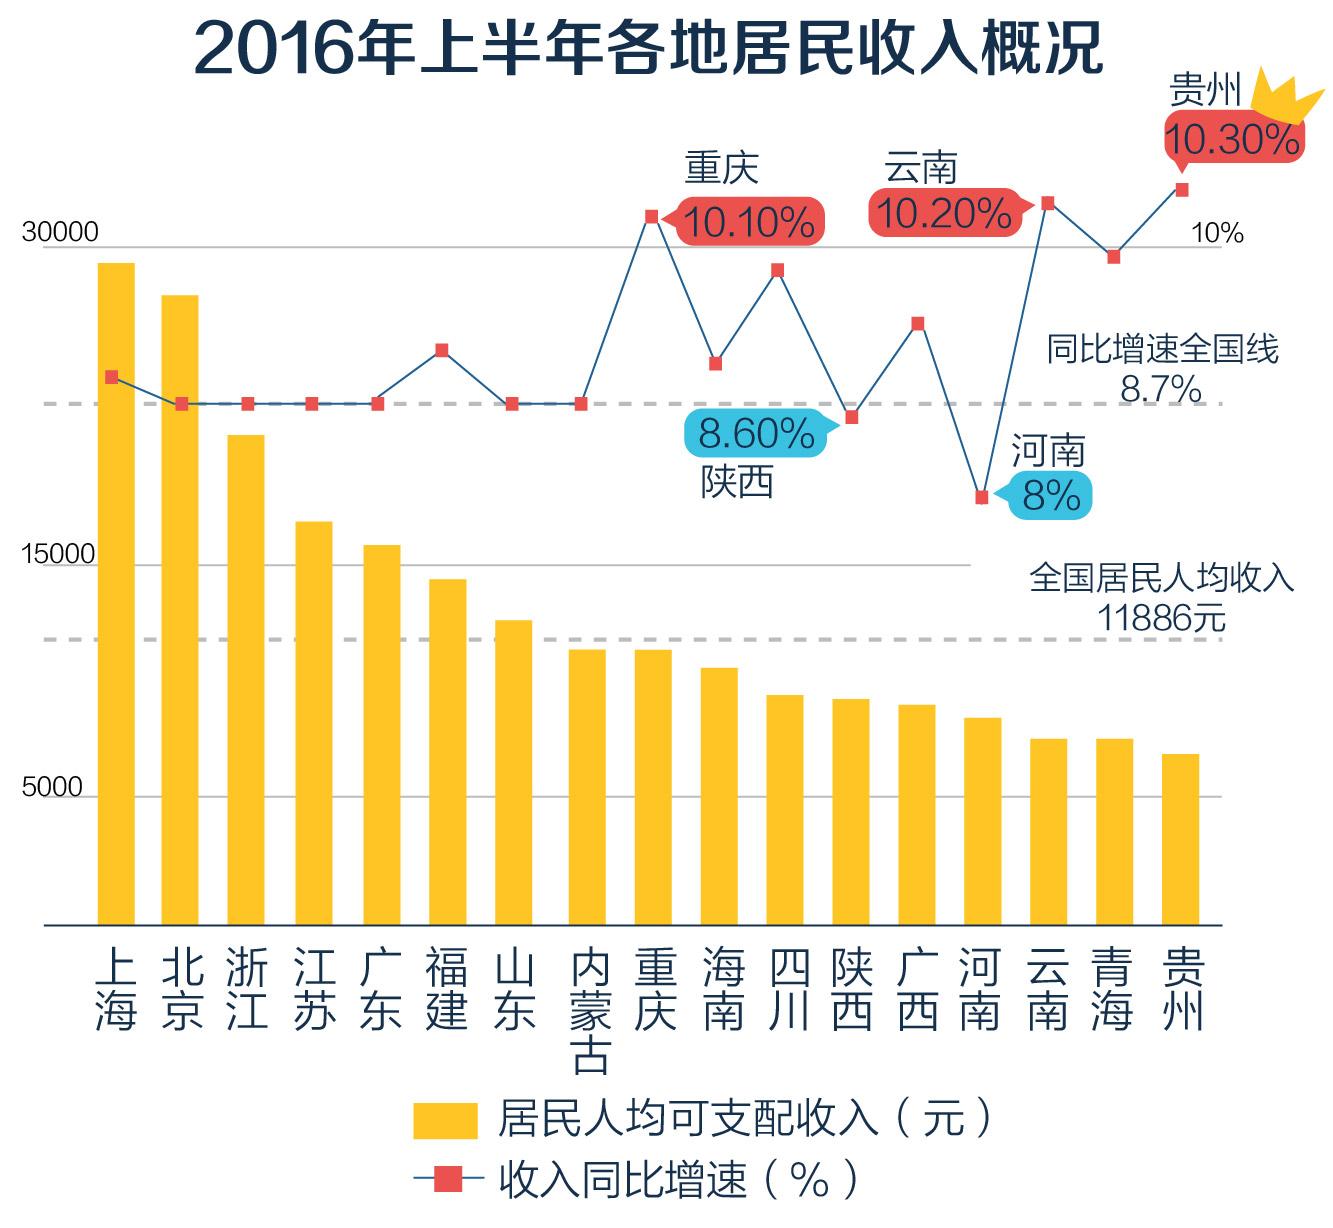 统计发现,上海、北京、浙江、江苏、广东、福建、山东等7个省的居民人均可支配收入增速超过了全国平均水平。